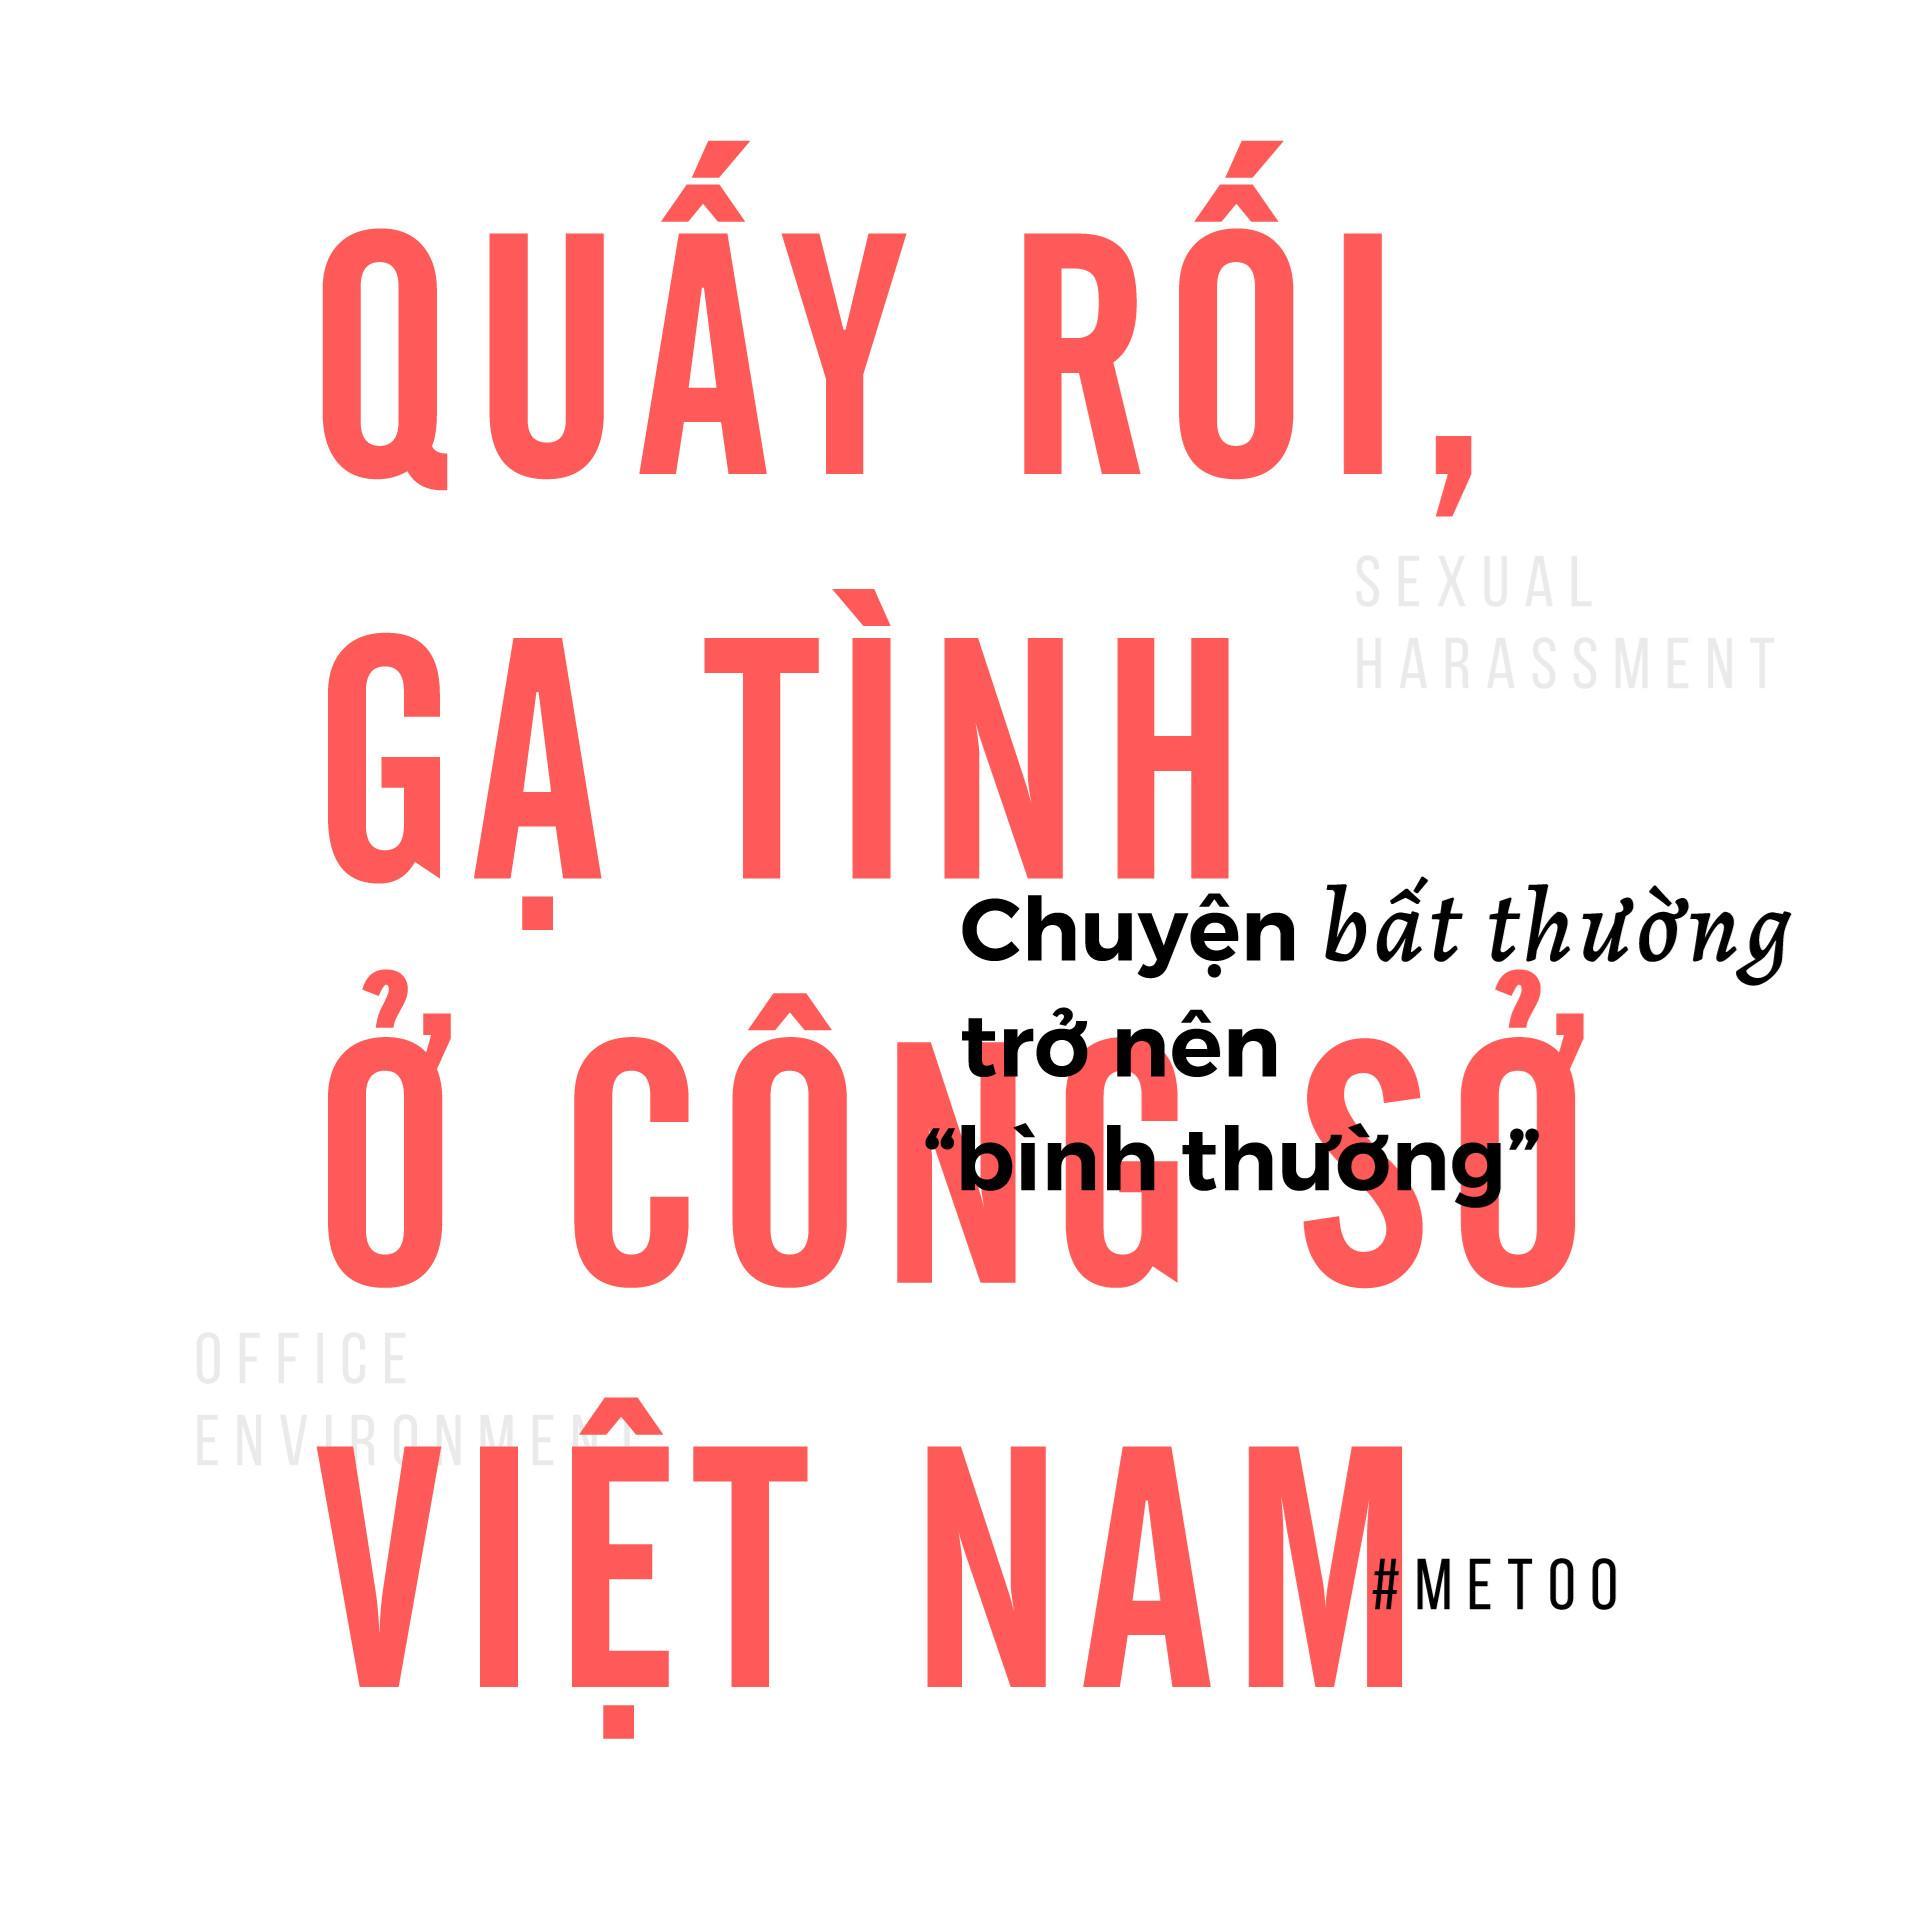 Quấy rối ở công sở Việt Nam: Chuyện bất thường trở nên bình thường